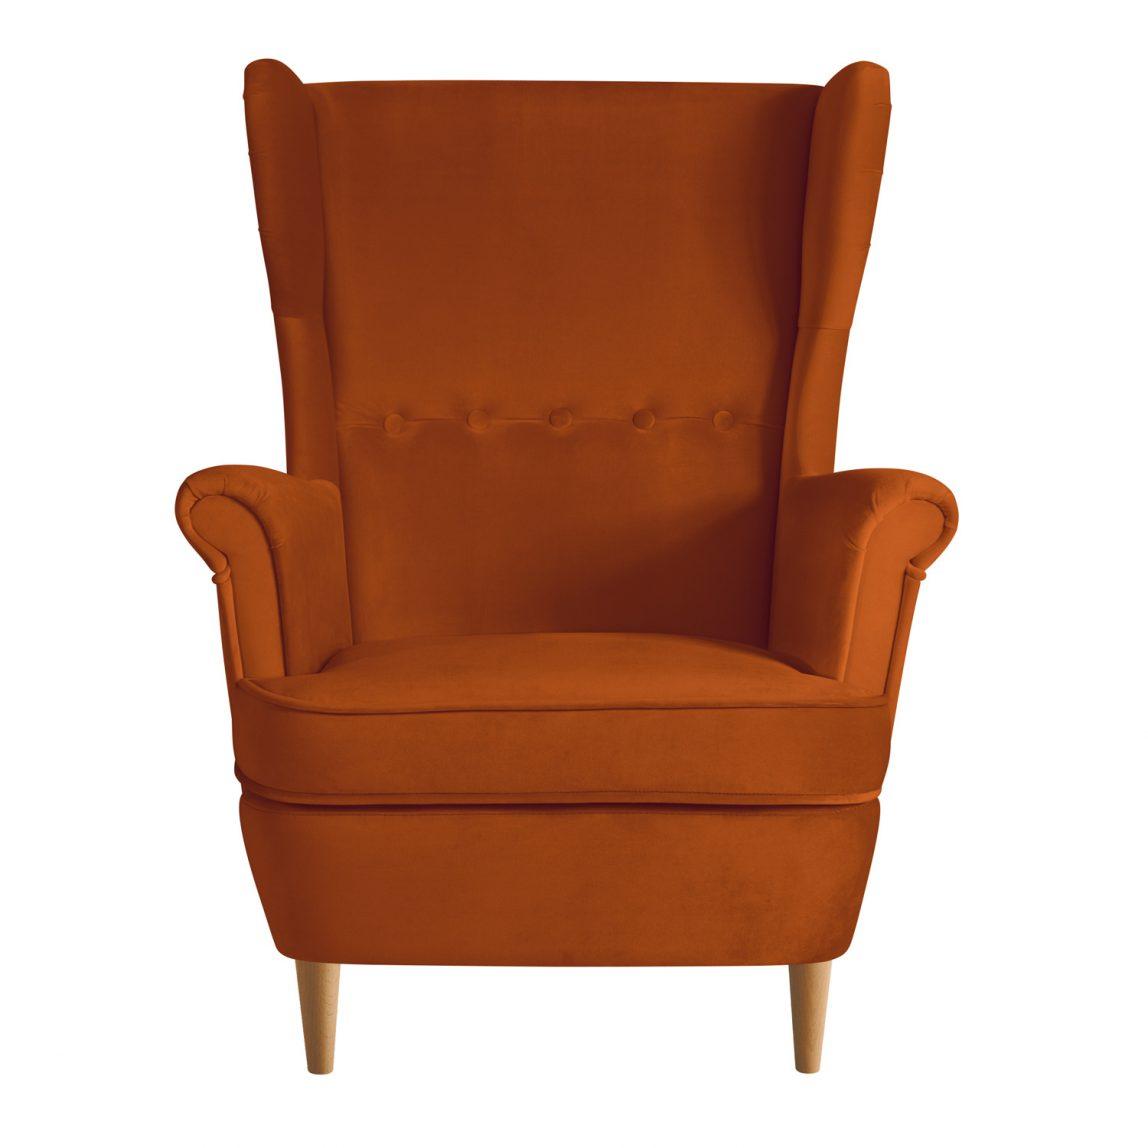 Каминное мягкое кресло в скандинавском стиле с высокой спинкой и подлокотниками